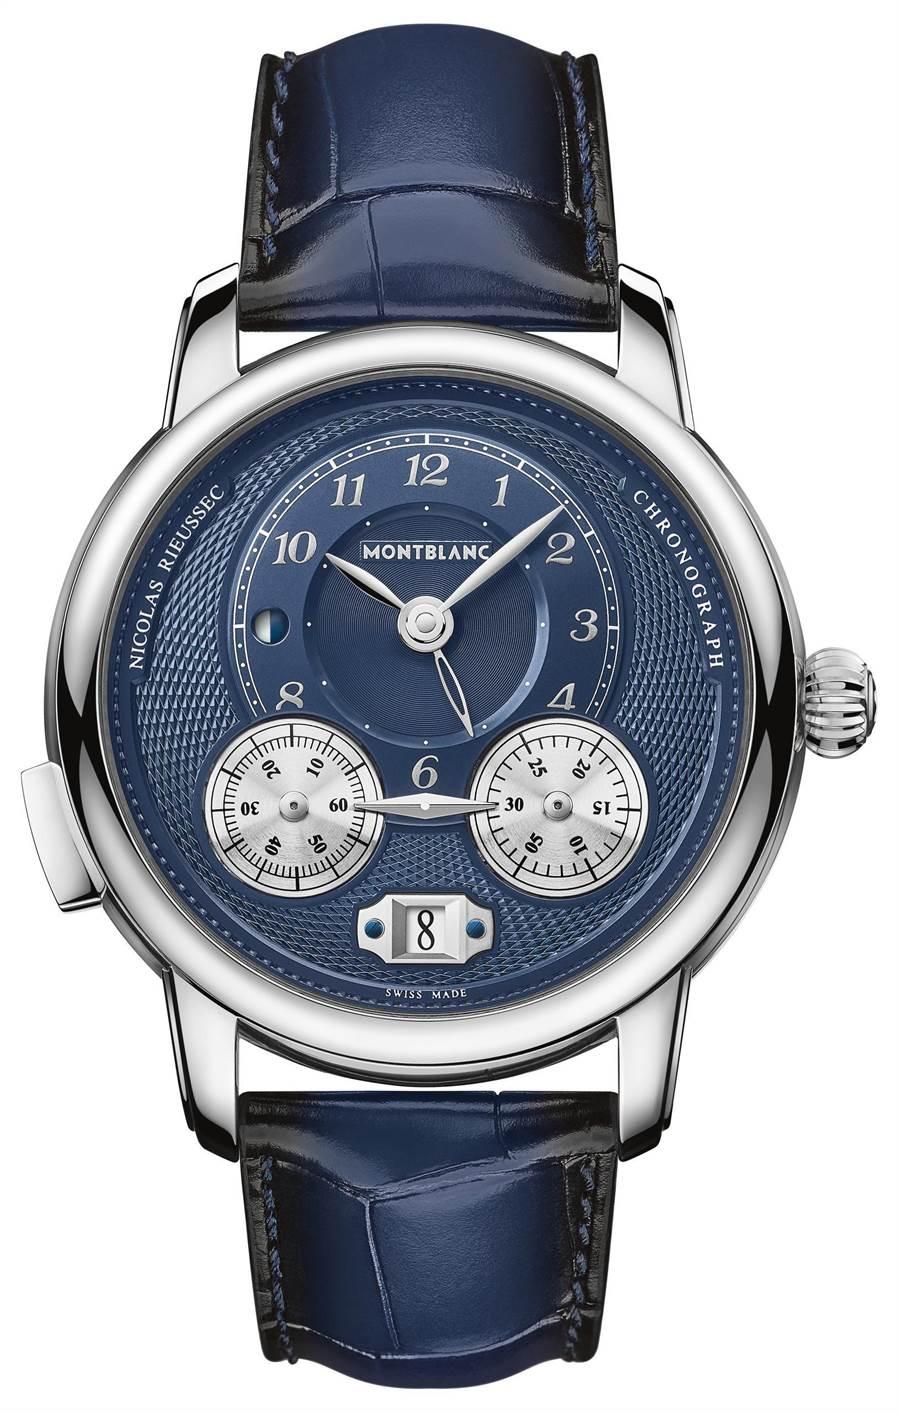 萬寶龍明星傳承系列Nicolas Rieussec計時腕表,25萬7700元。(Montblanc提供)